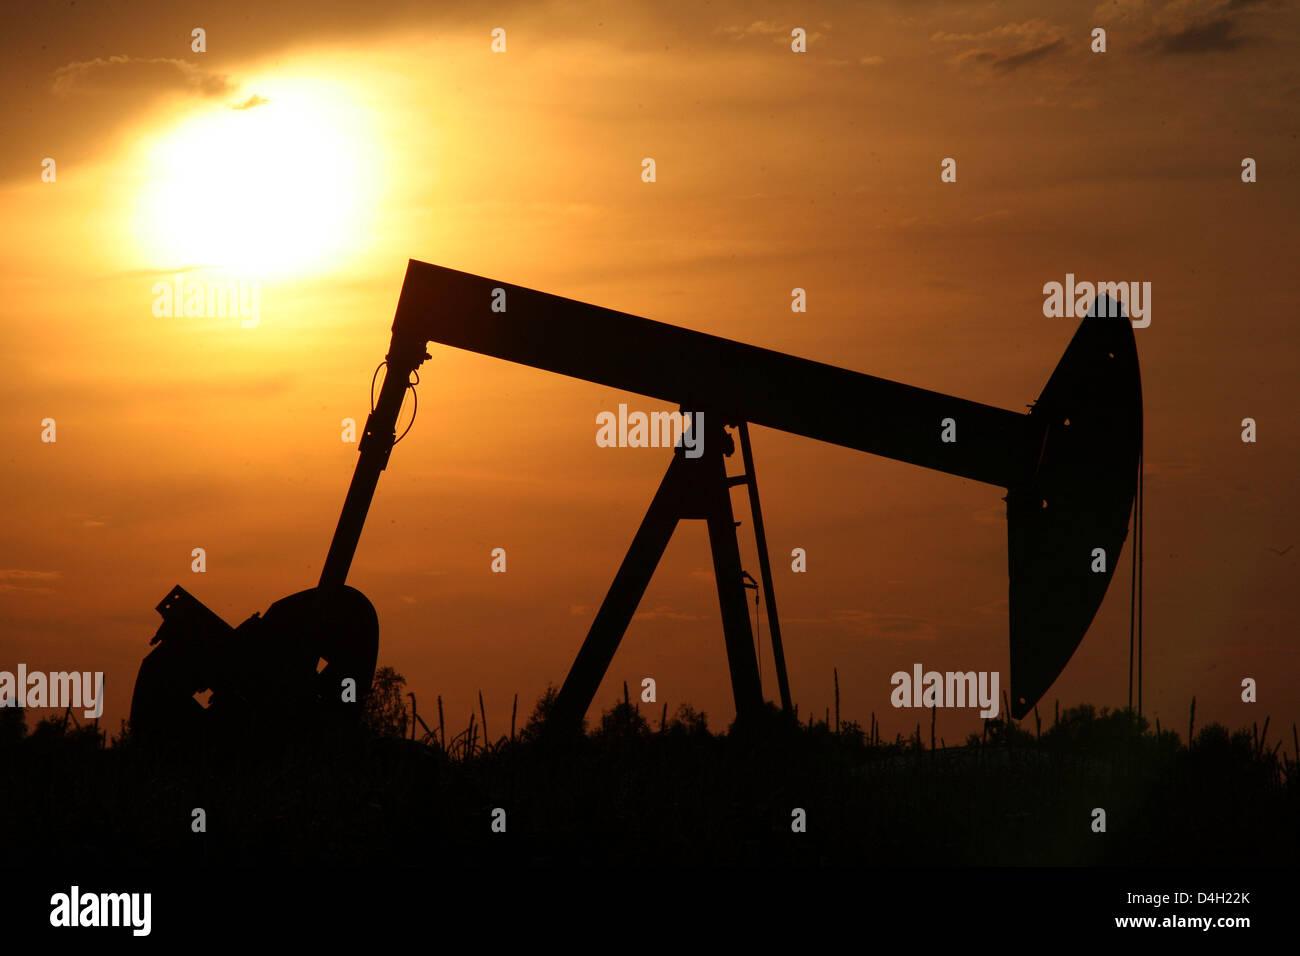 Le soleil se couche derrière une pompe à huile de type pumpjack près de Emlichheim, comté de Bentheim, Allemagne, 28 juillet 2008. Depuis 60 ans l'énergie à base de Kassel 'fournisseur' Wintershall a été la production de pétrole dans la région frontalière pour les Pays-Bas. 150 000 tonnes de pétrole sont transportées par an. Photo: Uwe Zucchi Banque D'Images